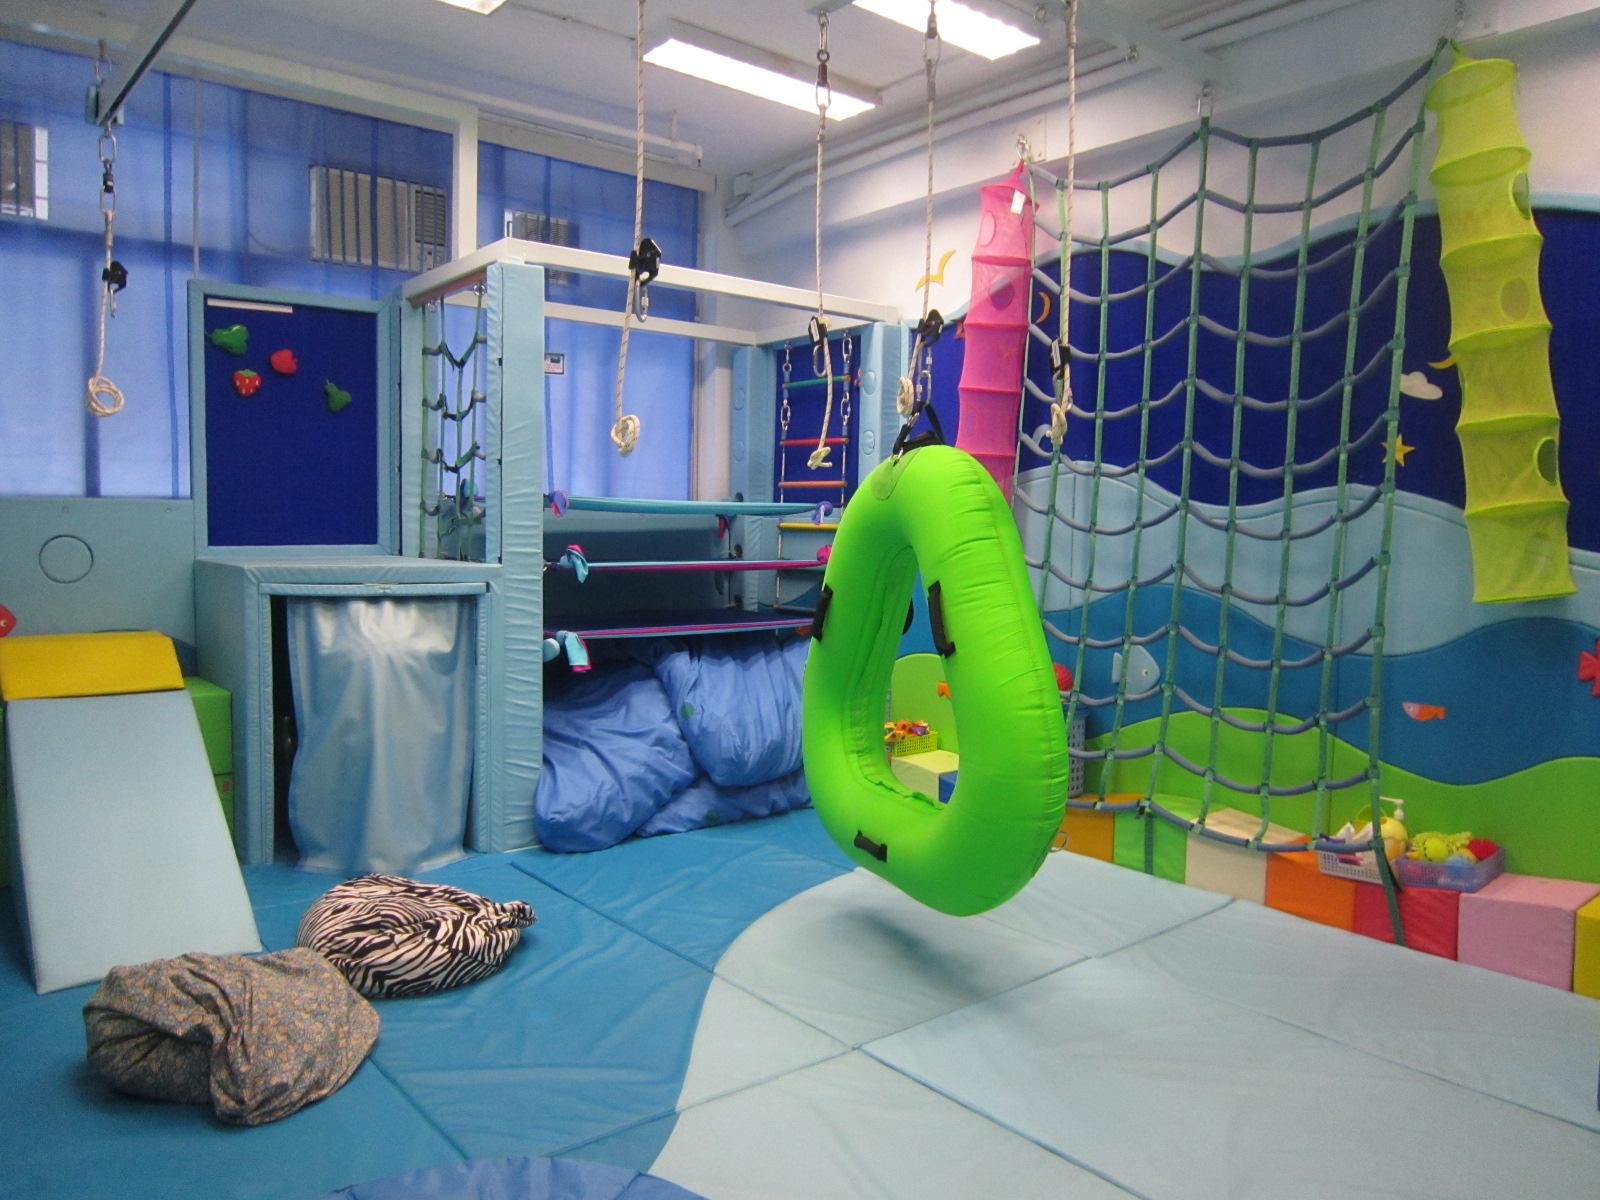 中心備有大型感覺統合室,可作親子治療課堂之用